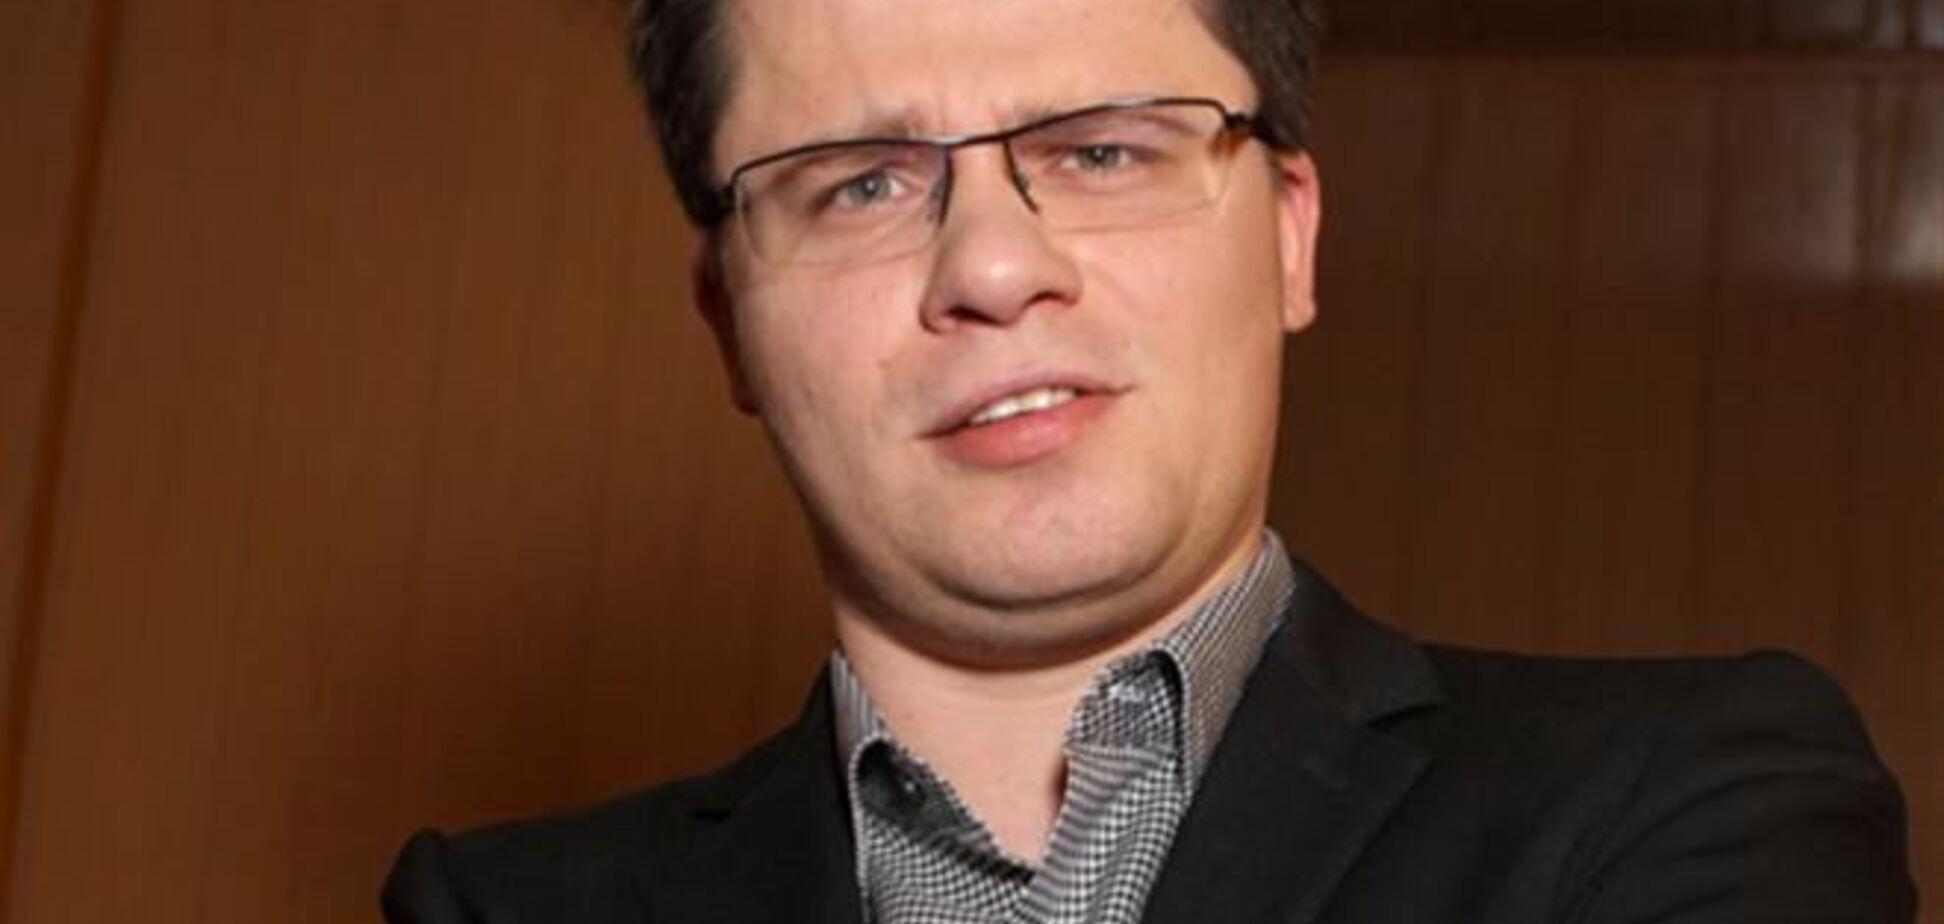 Харламов считает, что Россия и ЕС не должны вмешиваться в украинские разборки